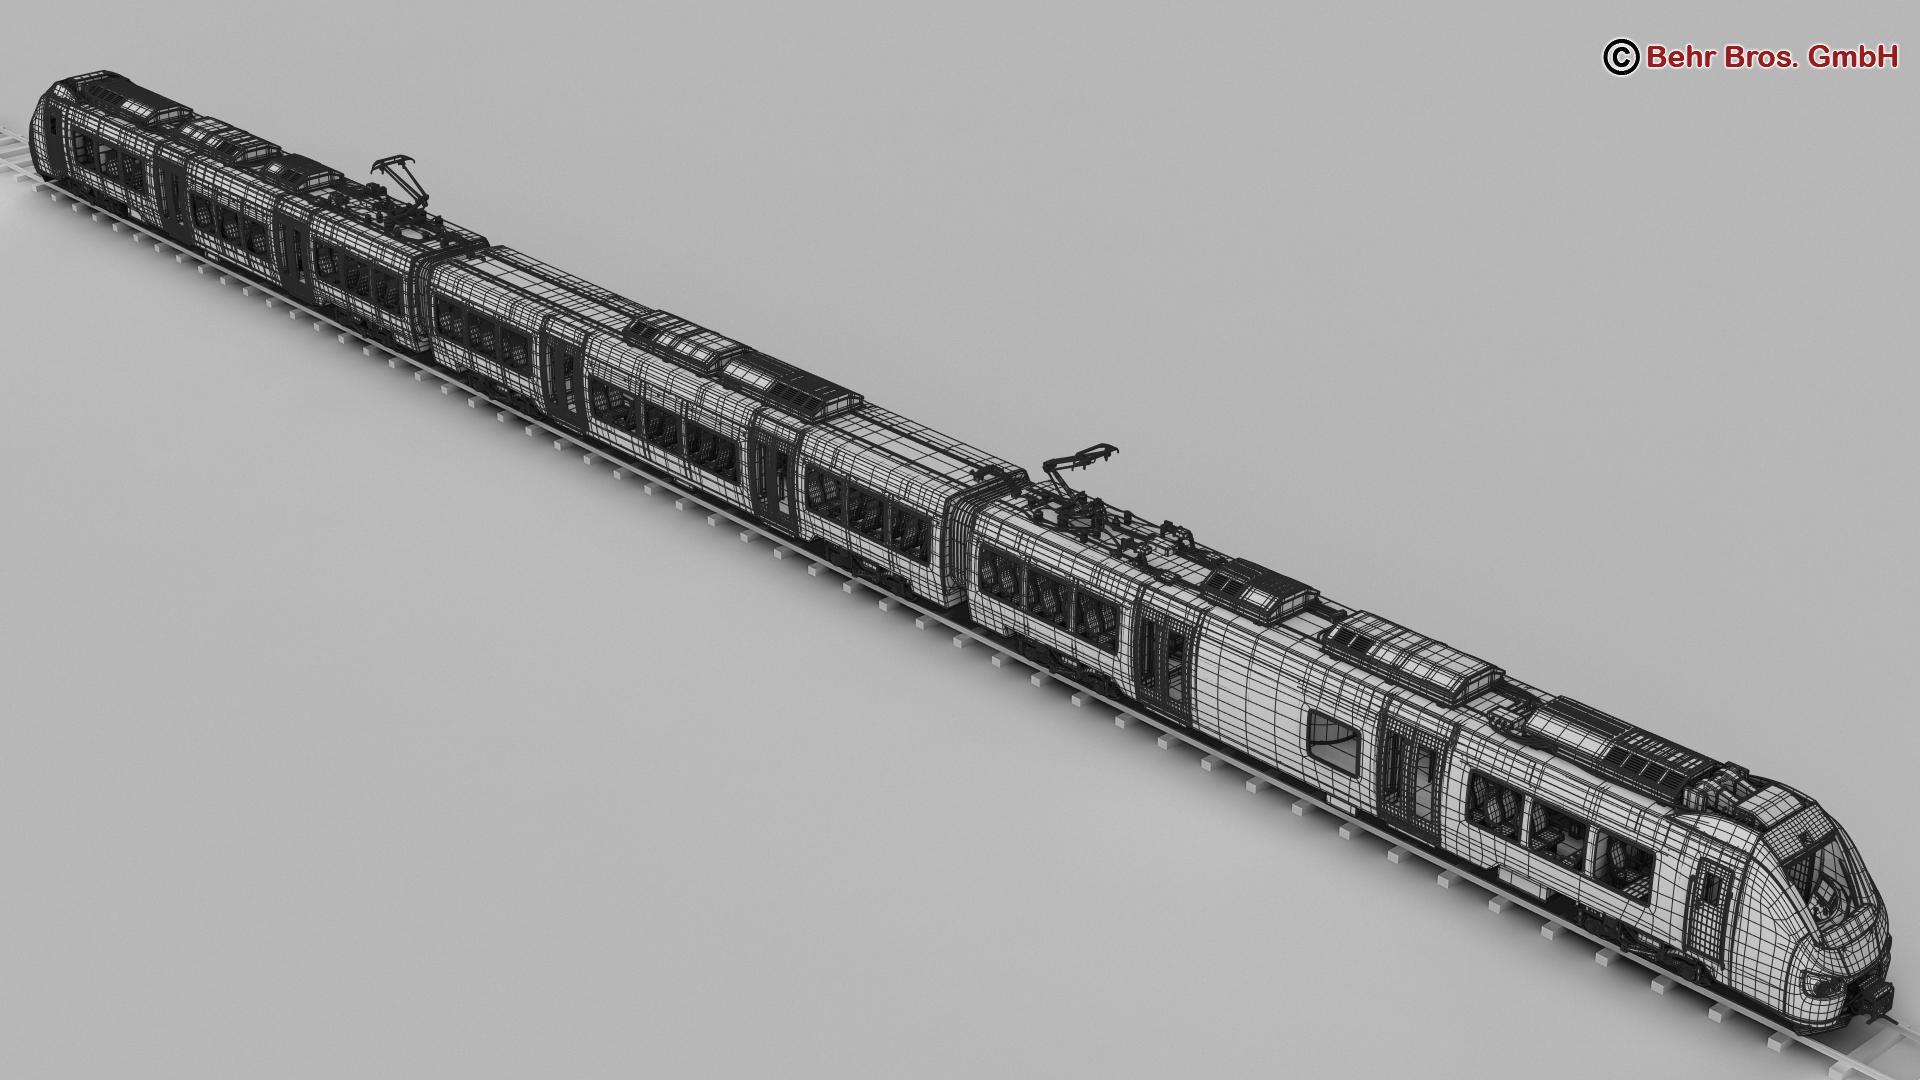 generic commuter train 3d model 3ds max fbx c4d ma mb obj 206623